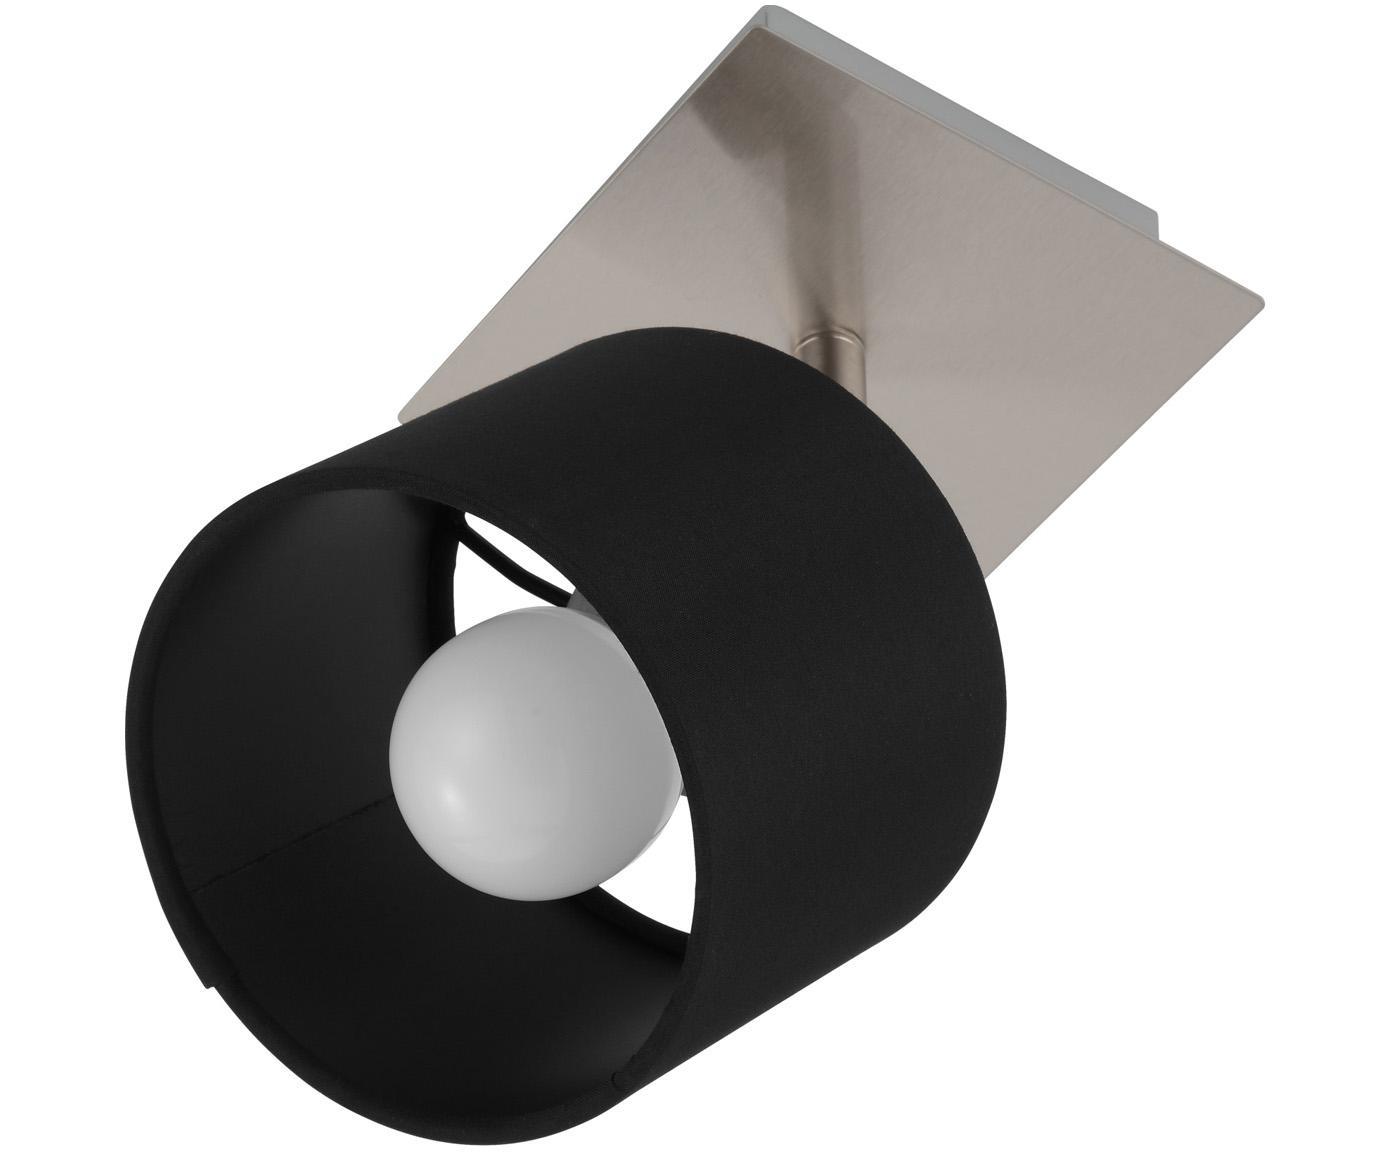 Lampa sufitowa Casper, Odcienie srebrnego, czarny, S 11 x W 11 cm